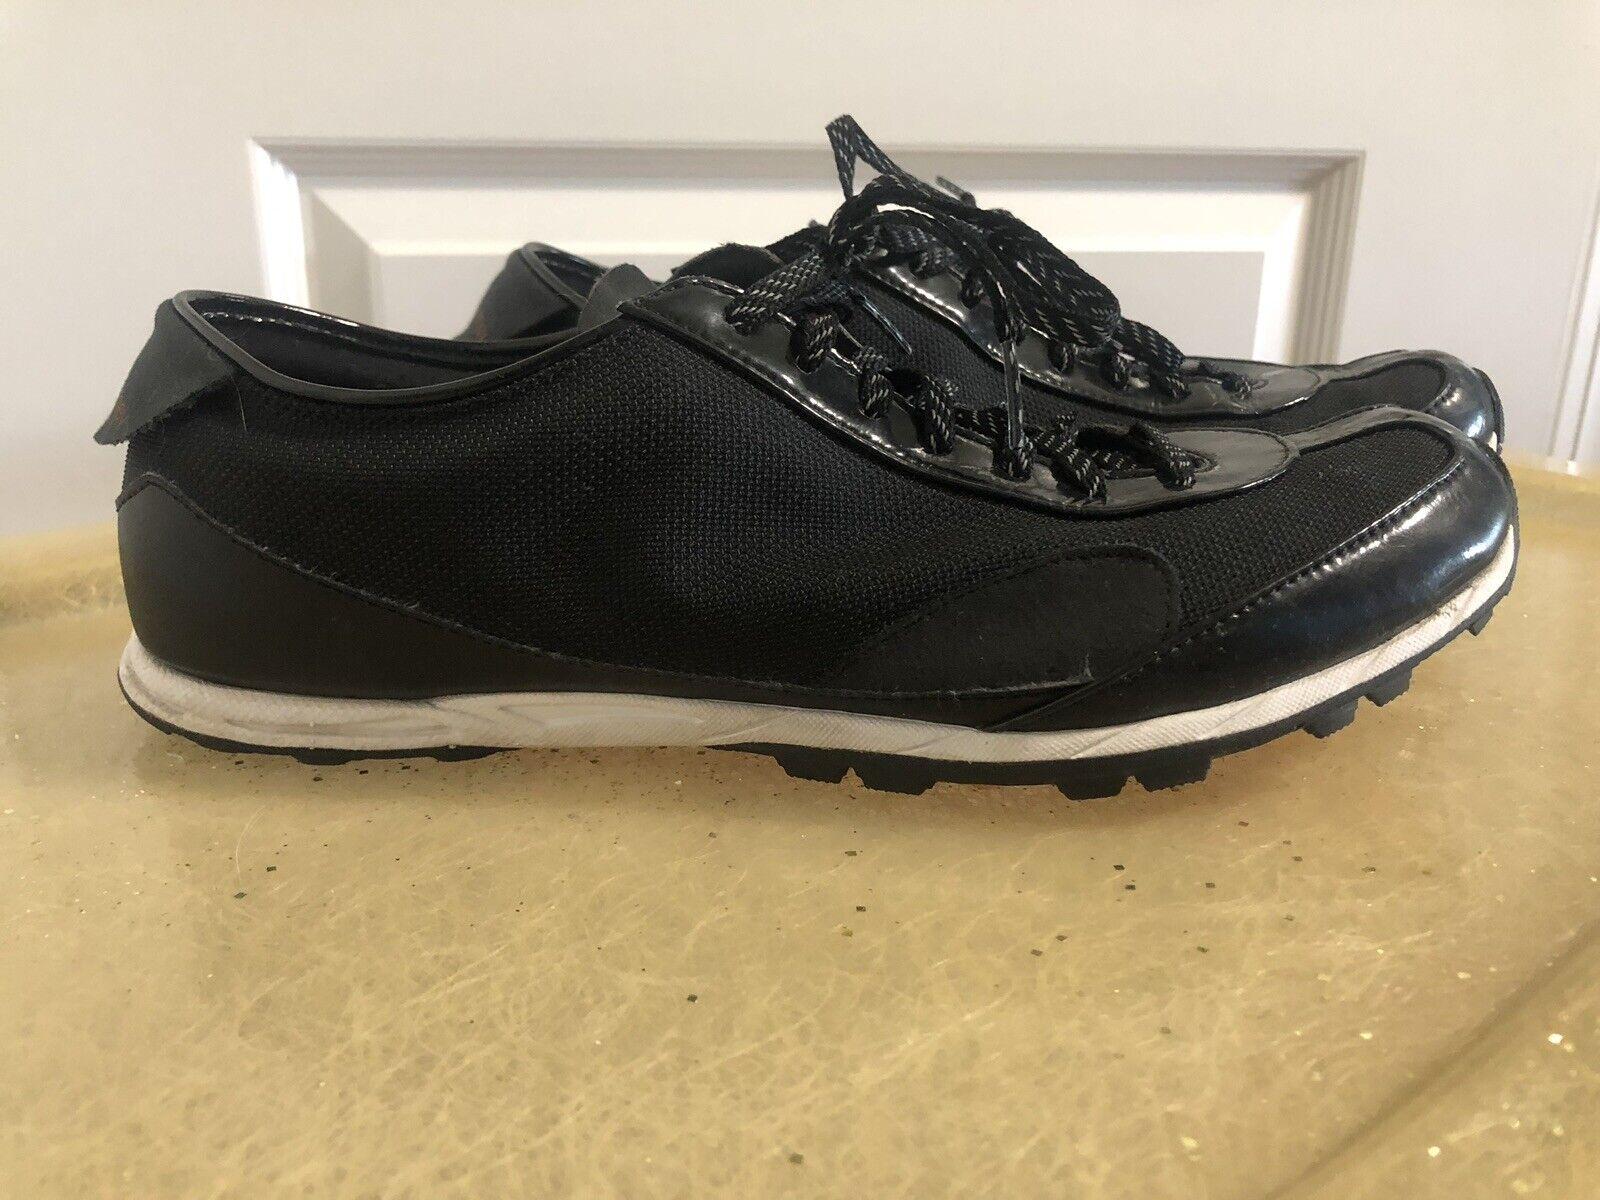 Stella McCartney Adidas  nero Running scarpe da ginnastica donna 65533;  in cerca di agente di vendita